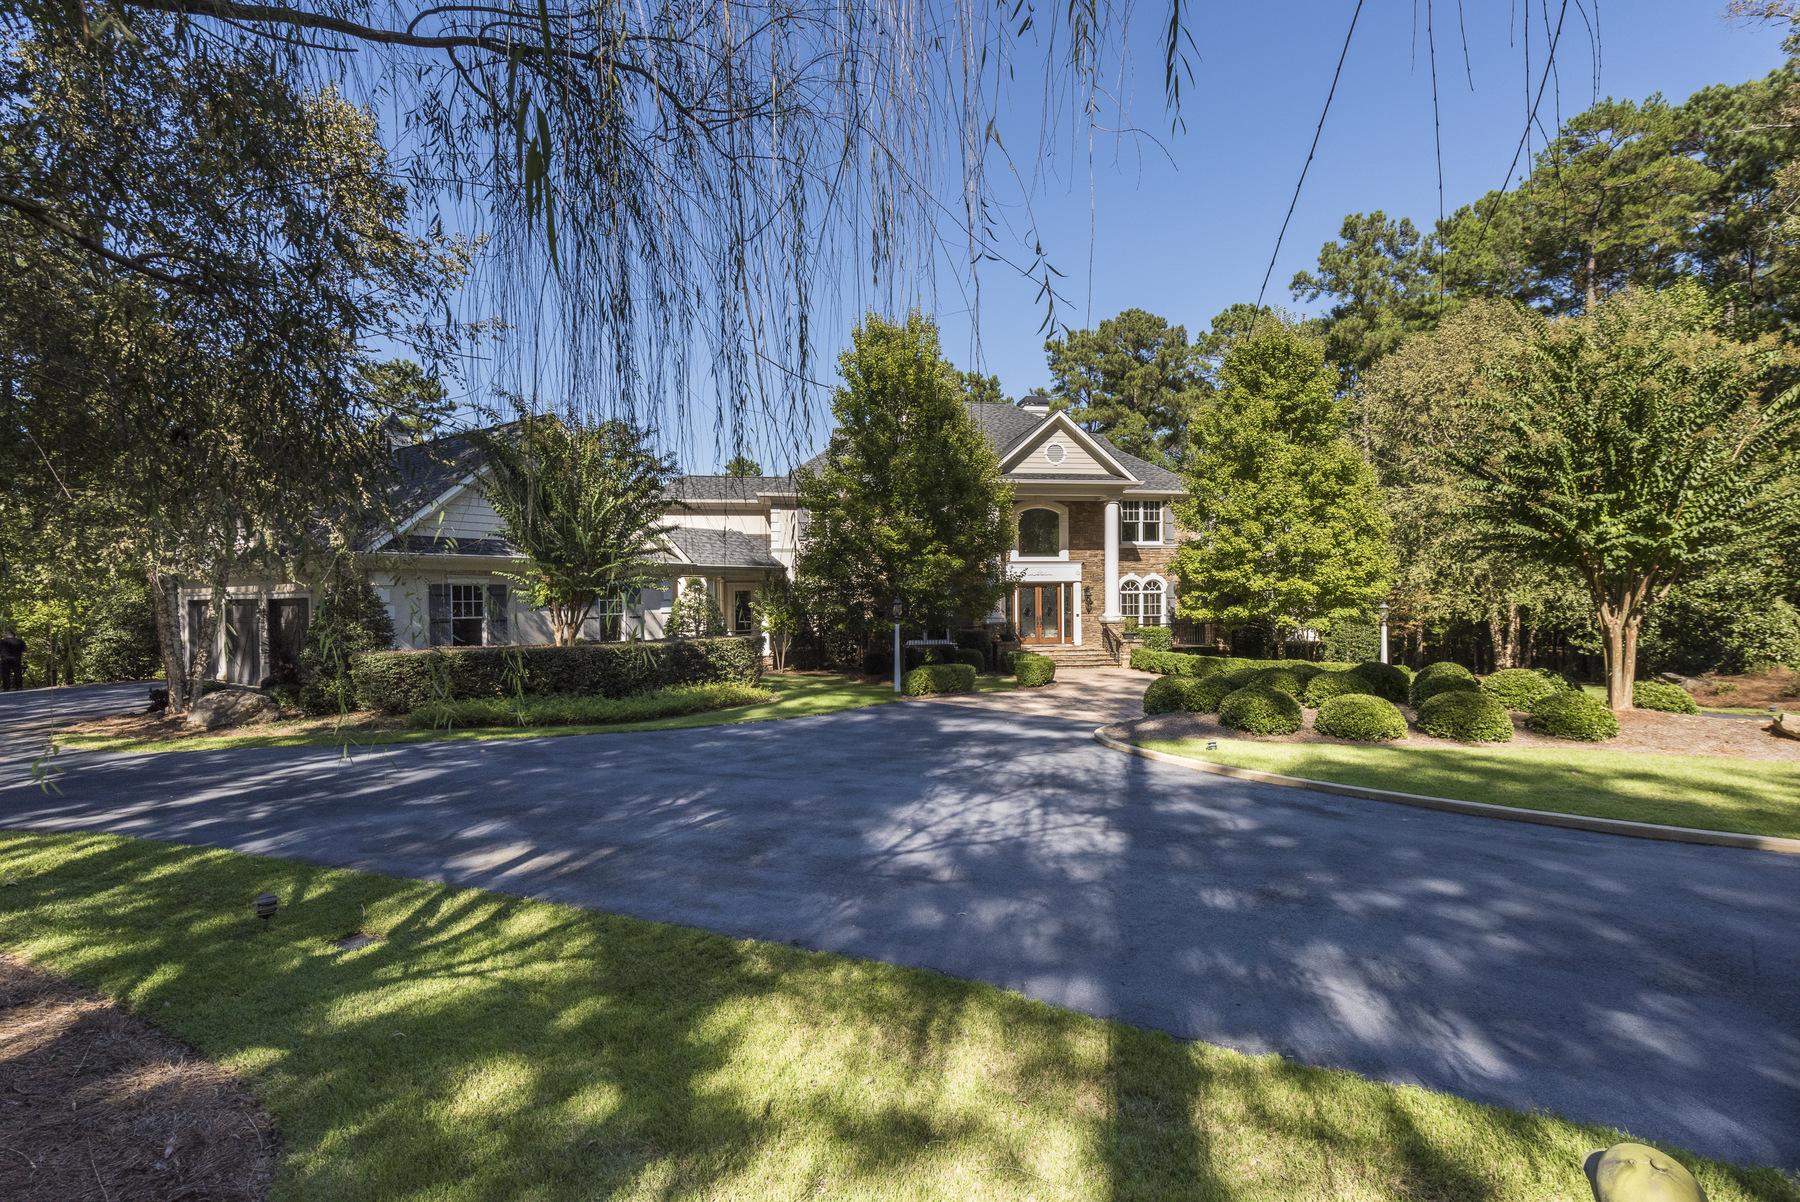 Частный односемейный дом для того Продажа на Waterfront Retreat Reynolds at Lake Oconee 1001 Little Bits Lane Greensboro, Джорджия 30642 Соединенные Штаты